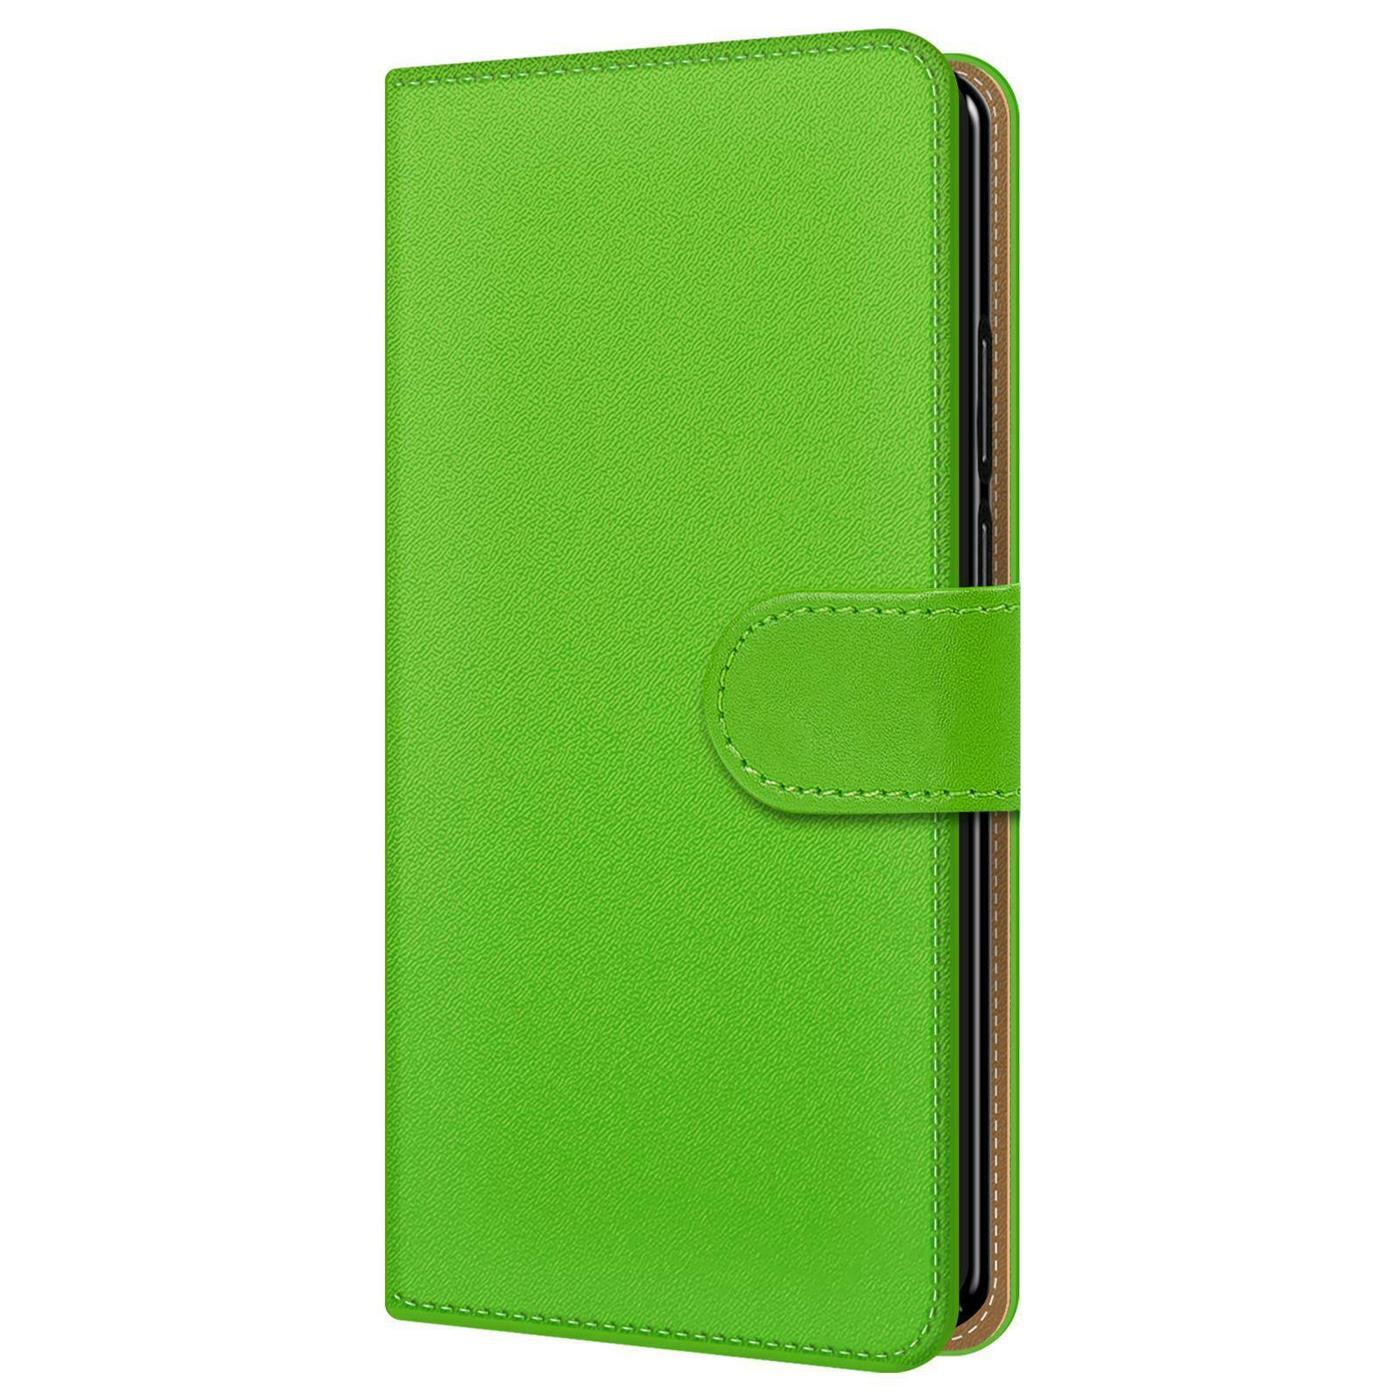 Samsung-Galaxy-A7-2018-Handy-Klapp-Tasche-Schutz-Huelle-Book-Flip-Cover-Case-Etui Indexbild 17